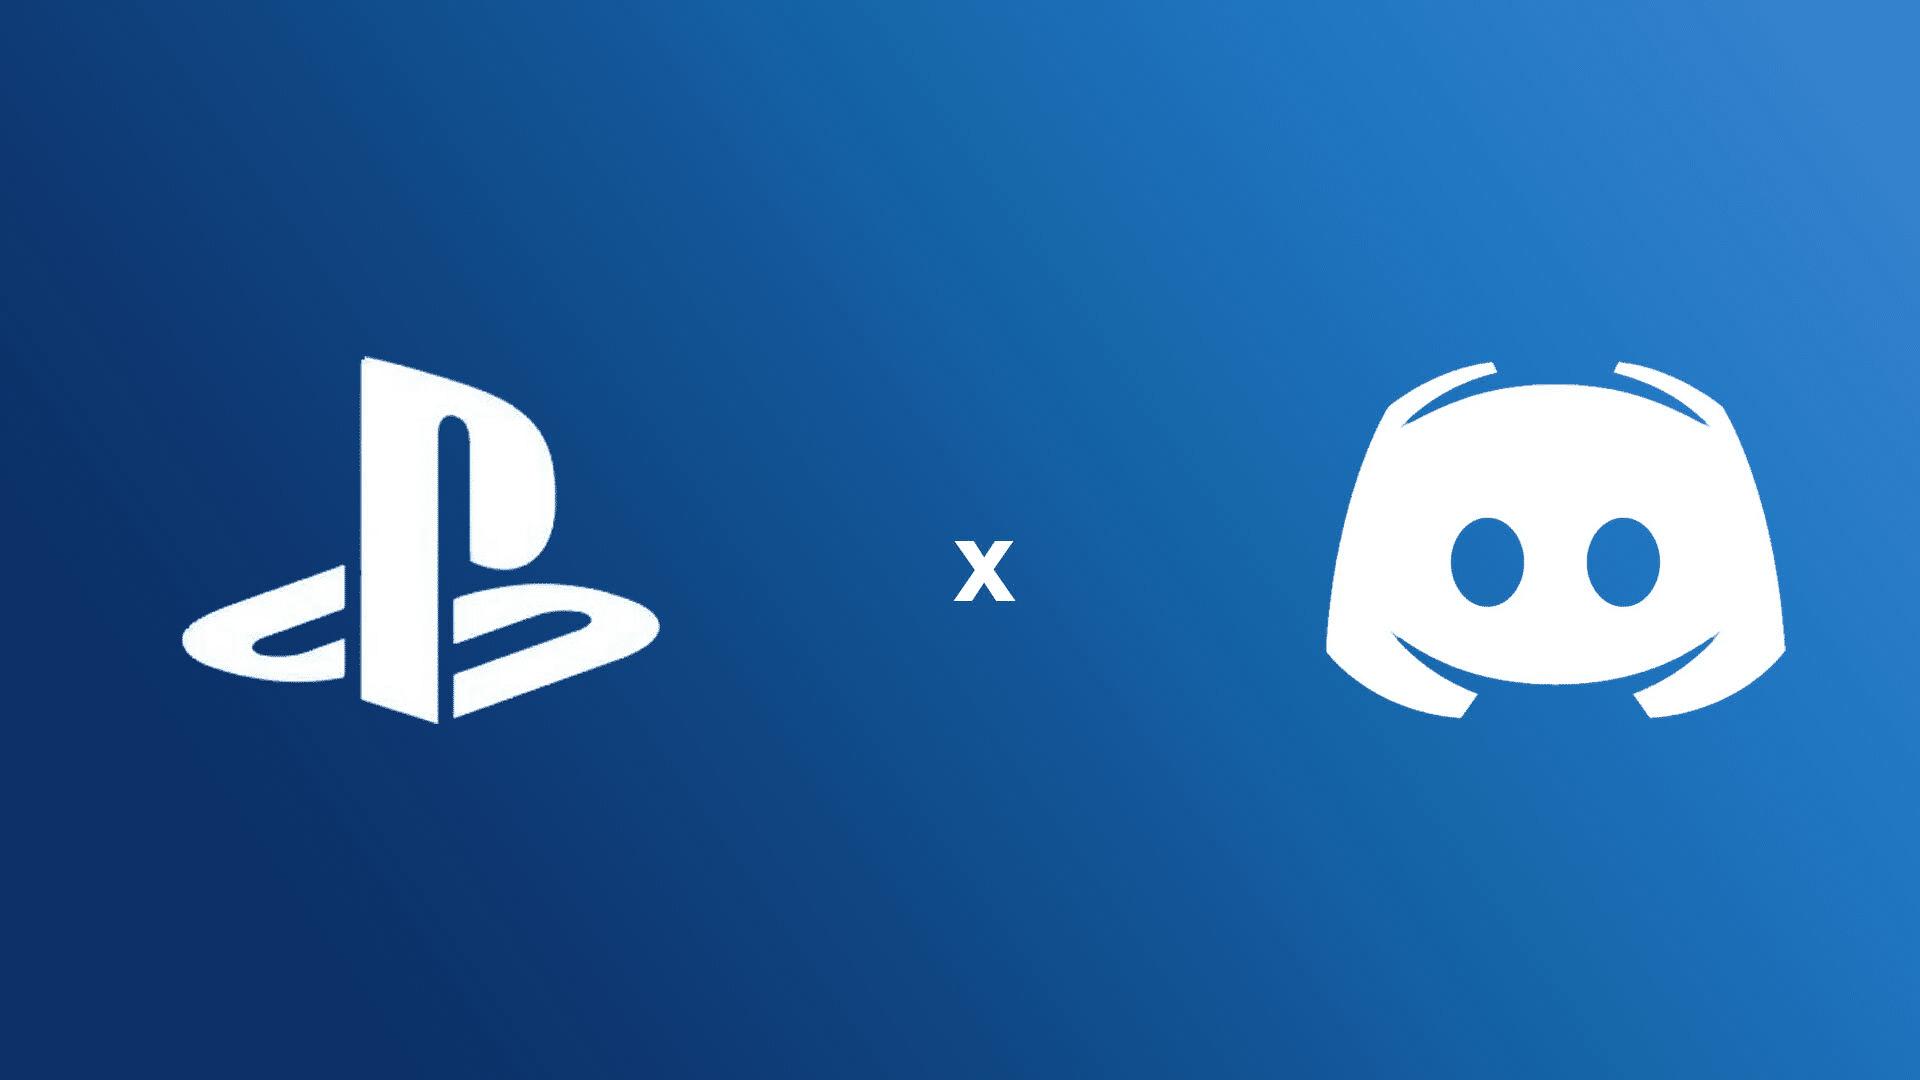 Sony ประกาศจับมือเป็นพาร์ทเนอร์ พร้อมเตรียมนำบริการของ Discord มาร่วมกับระบบของ PlayStation ในช่วงต้นปีหน้า